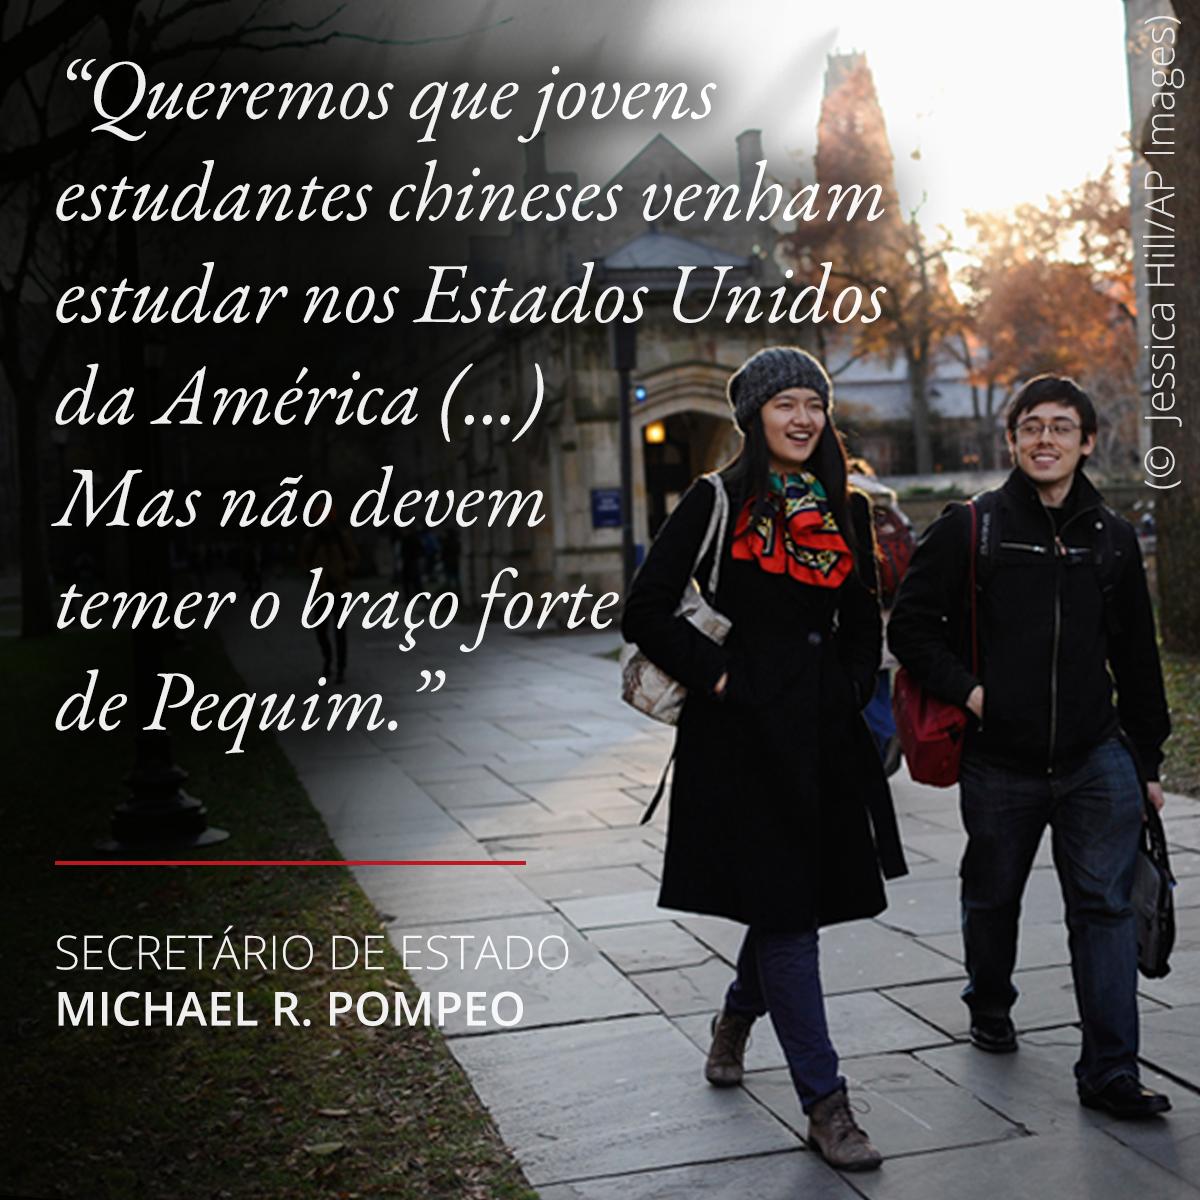 Foto de duas pessoas caminhando e citação de Pompeo sobre liberdade acadêmica para estudantes chineses nos EUA (© Jessica Hill/AP Images)